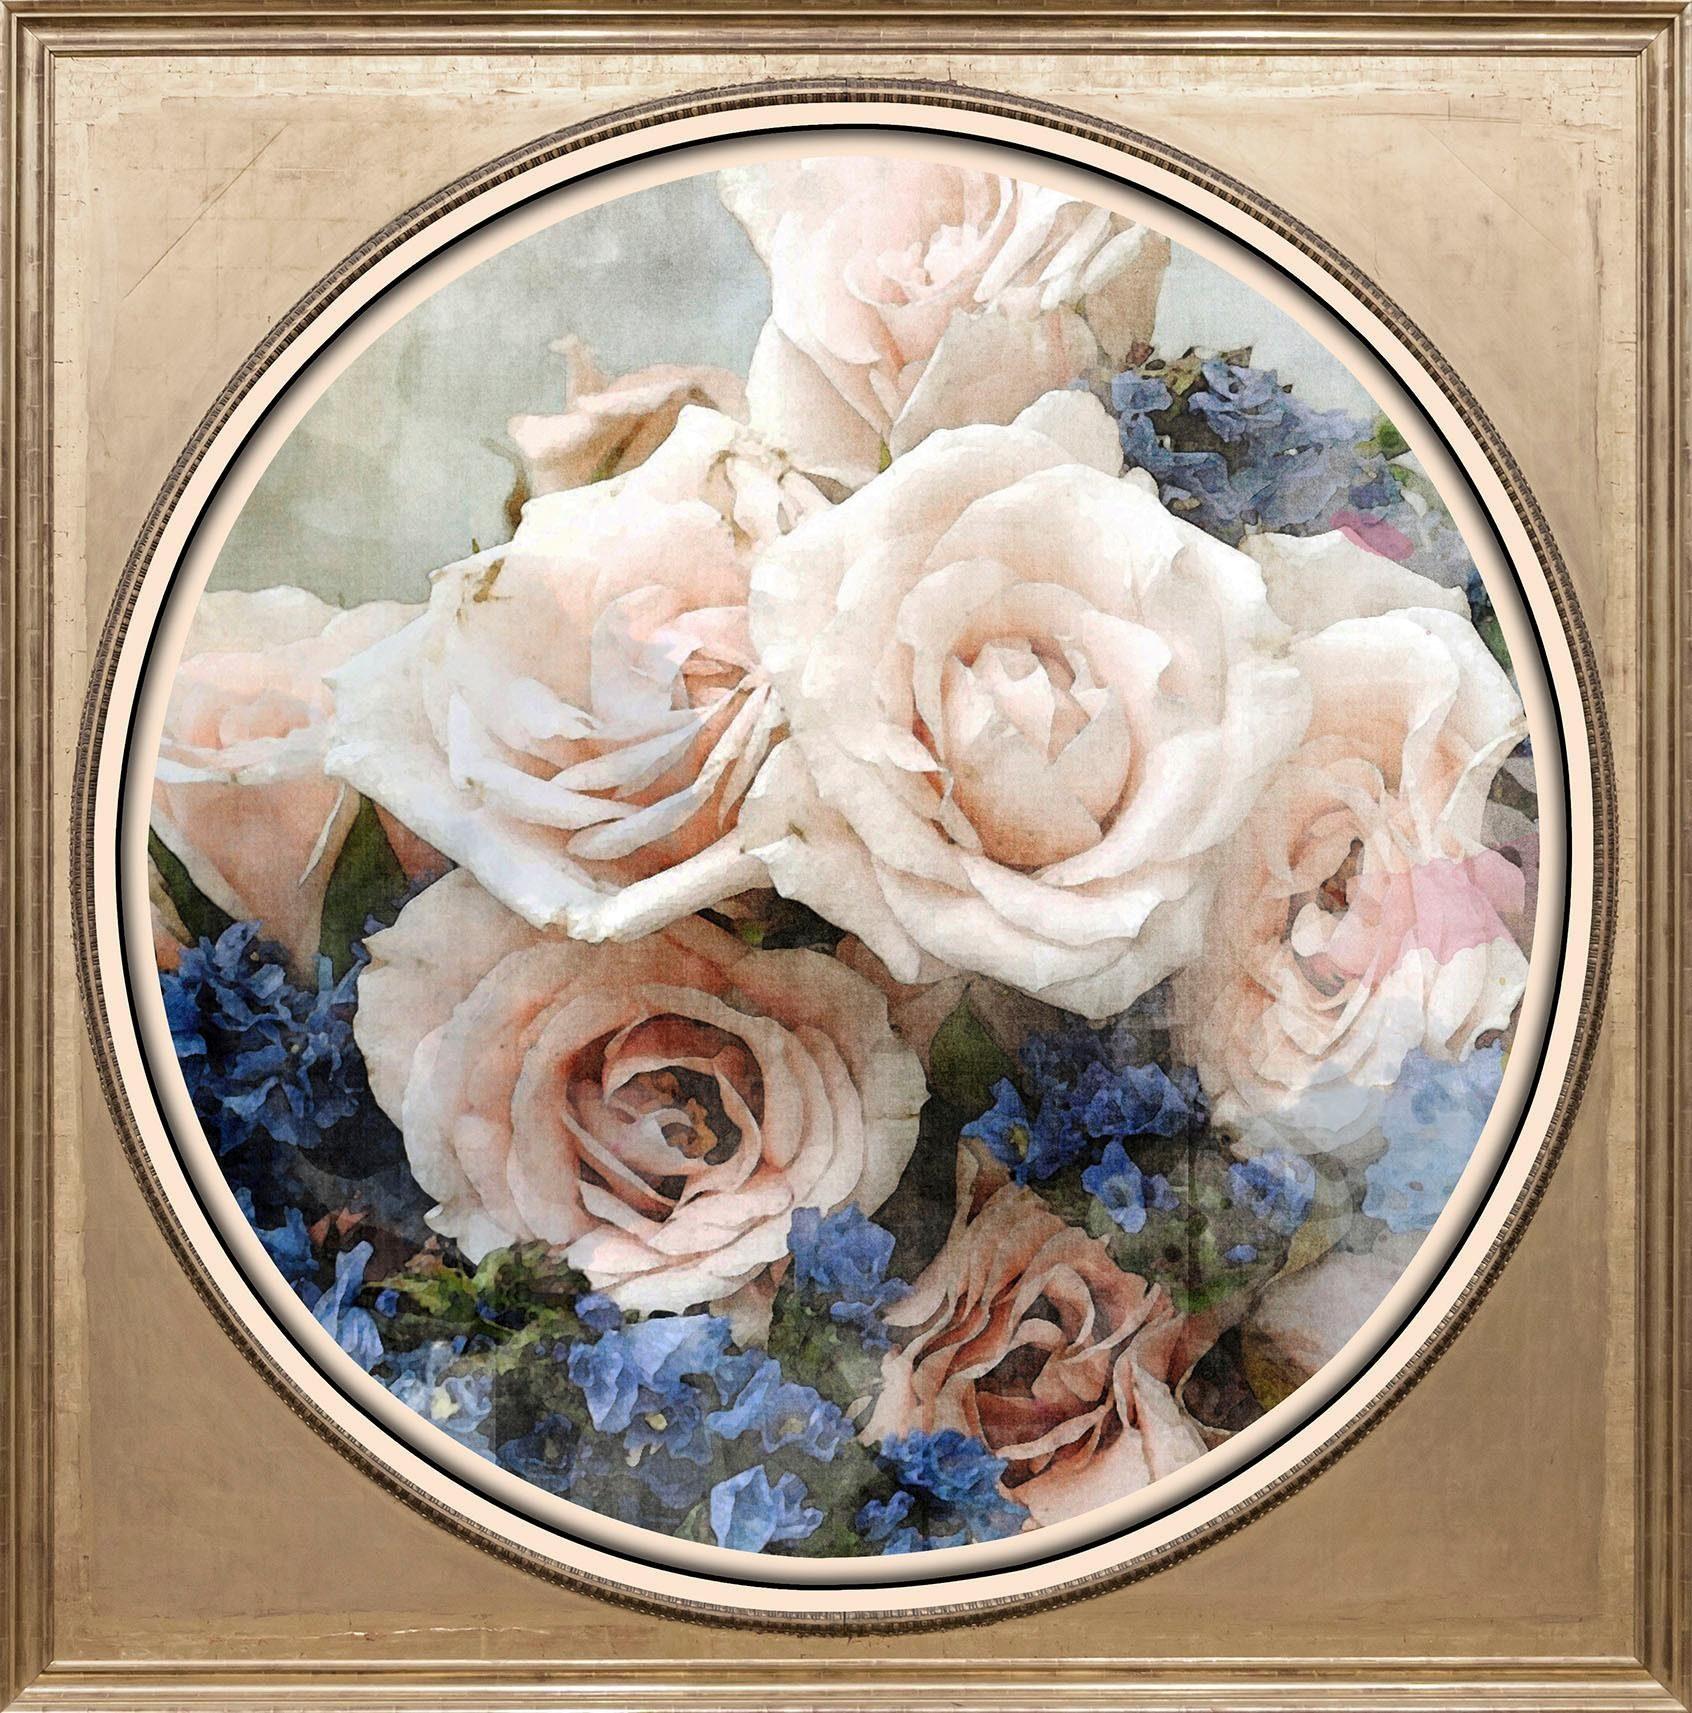 Acrylglasbild »Bunter Blumenstrauß III«, Blumen